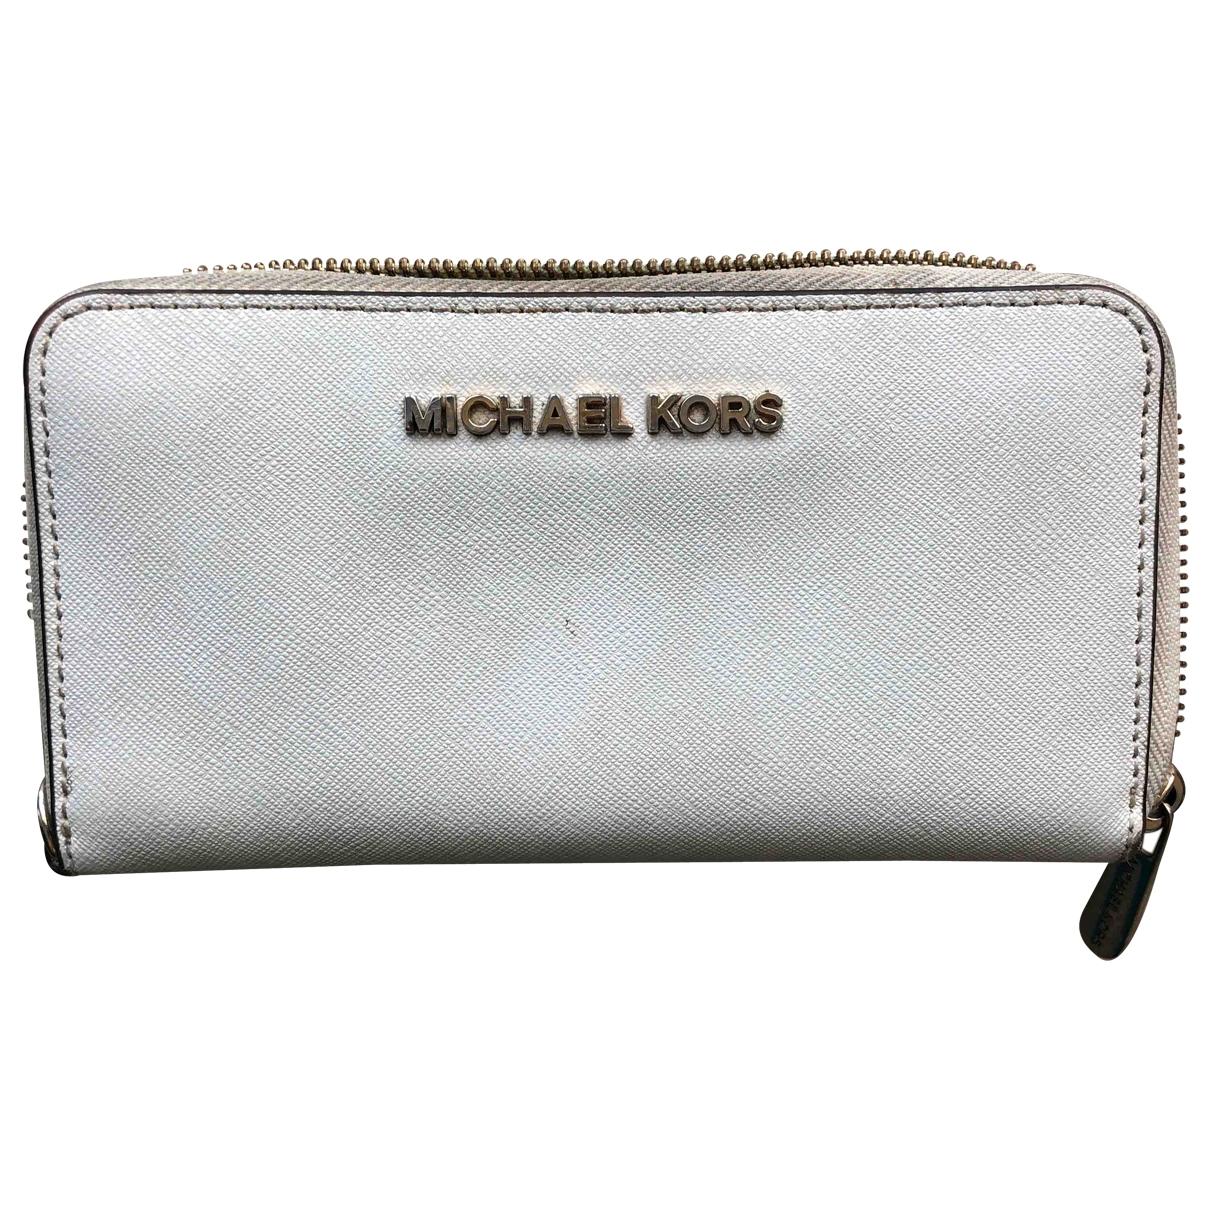 Michael Kors - Portefeuille Jet Set pour femme en cuir - blanc